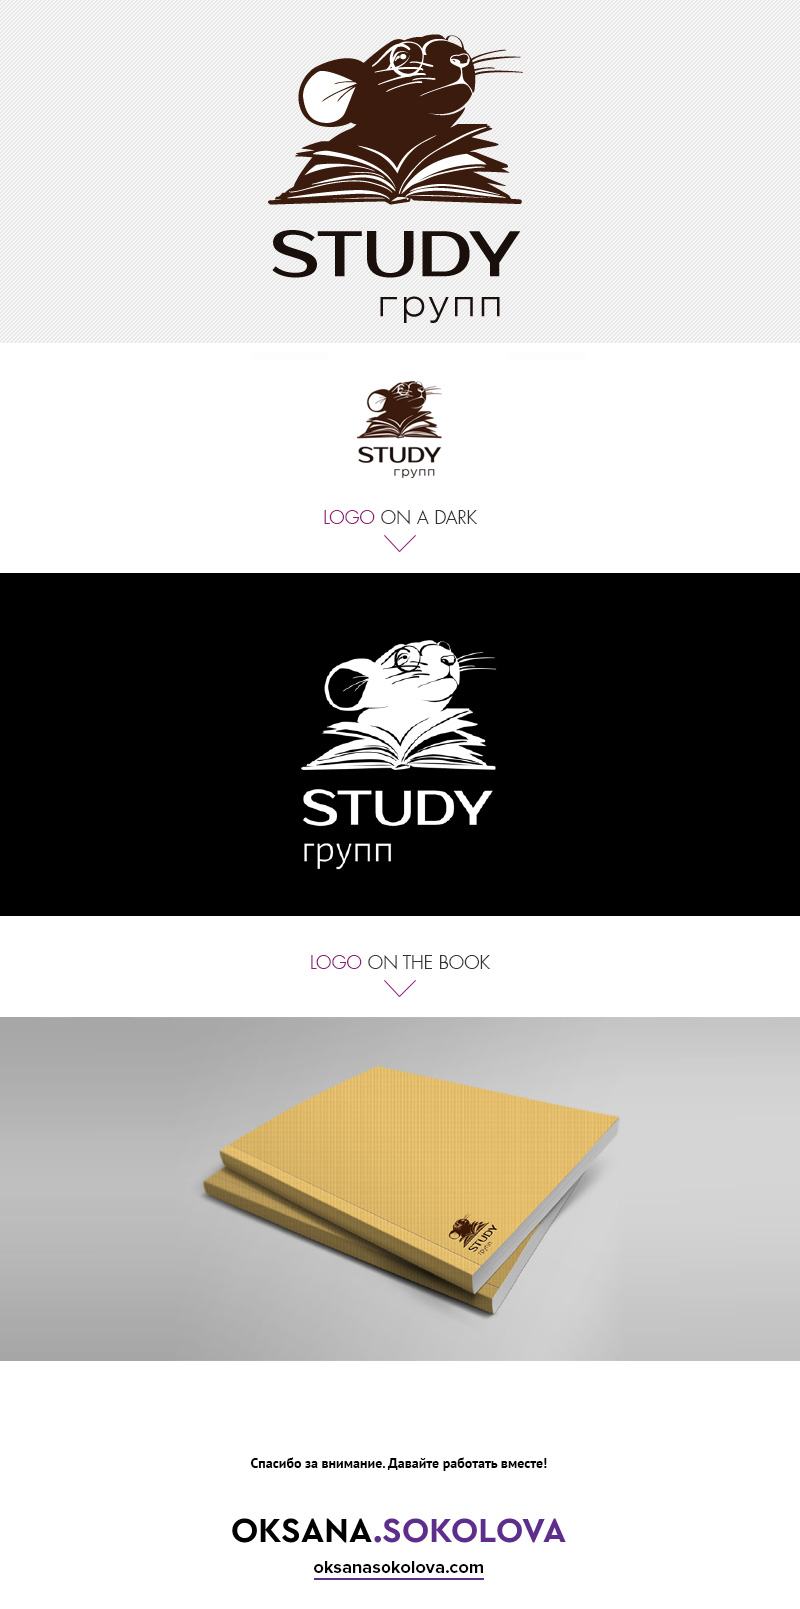 Study Групп